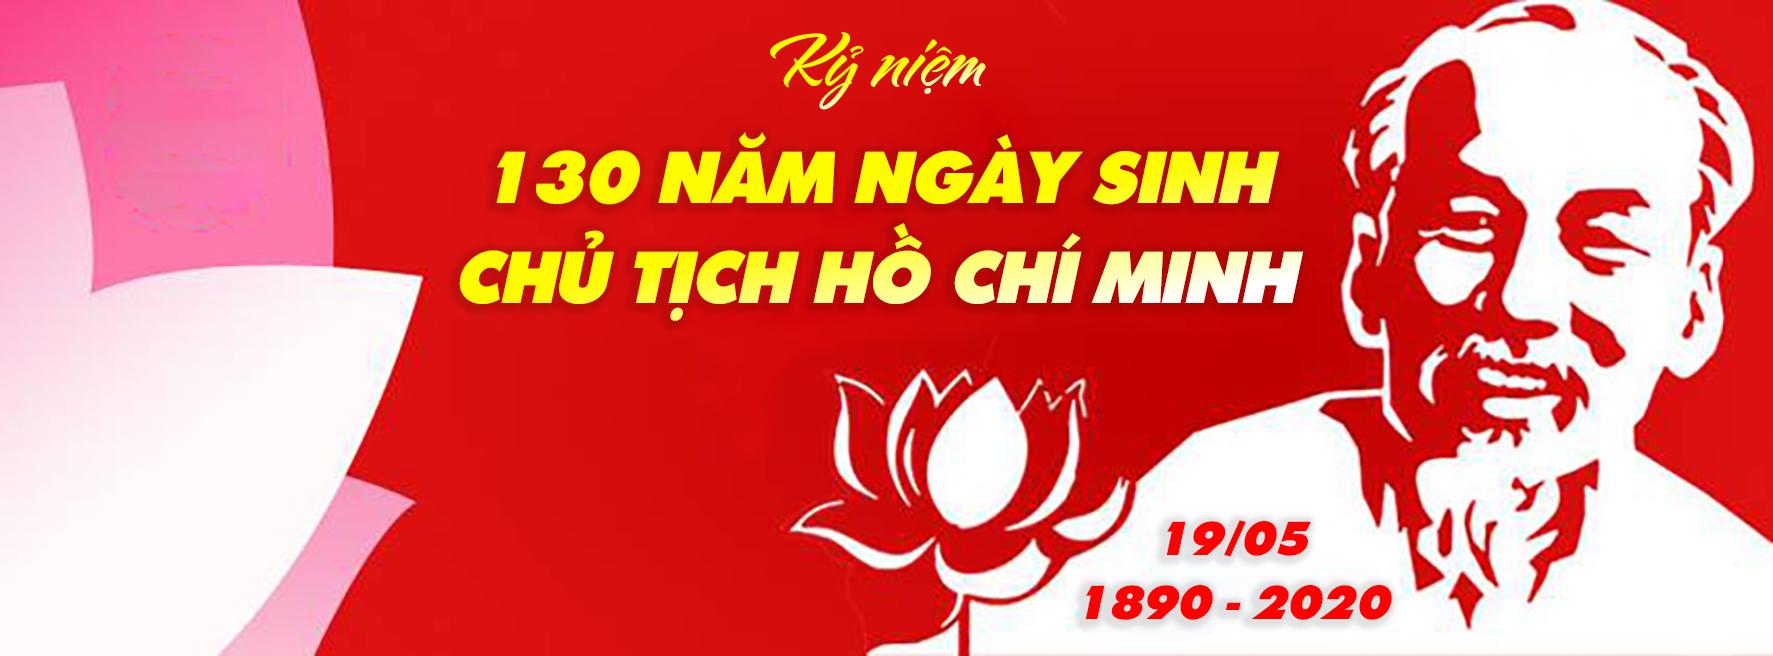 130-nam-sinh-nhat-bac